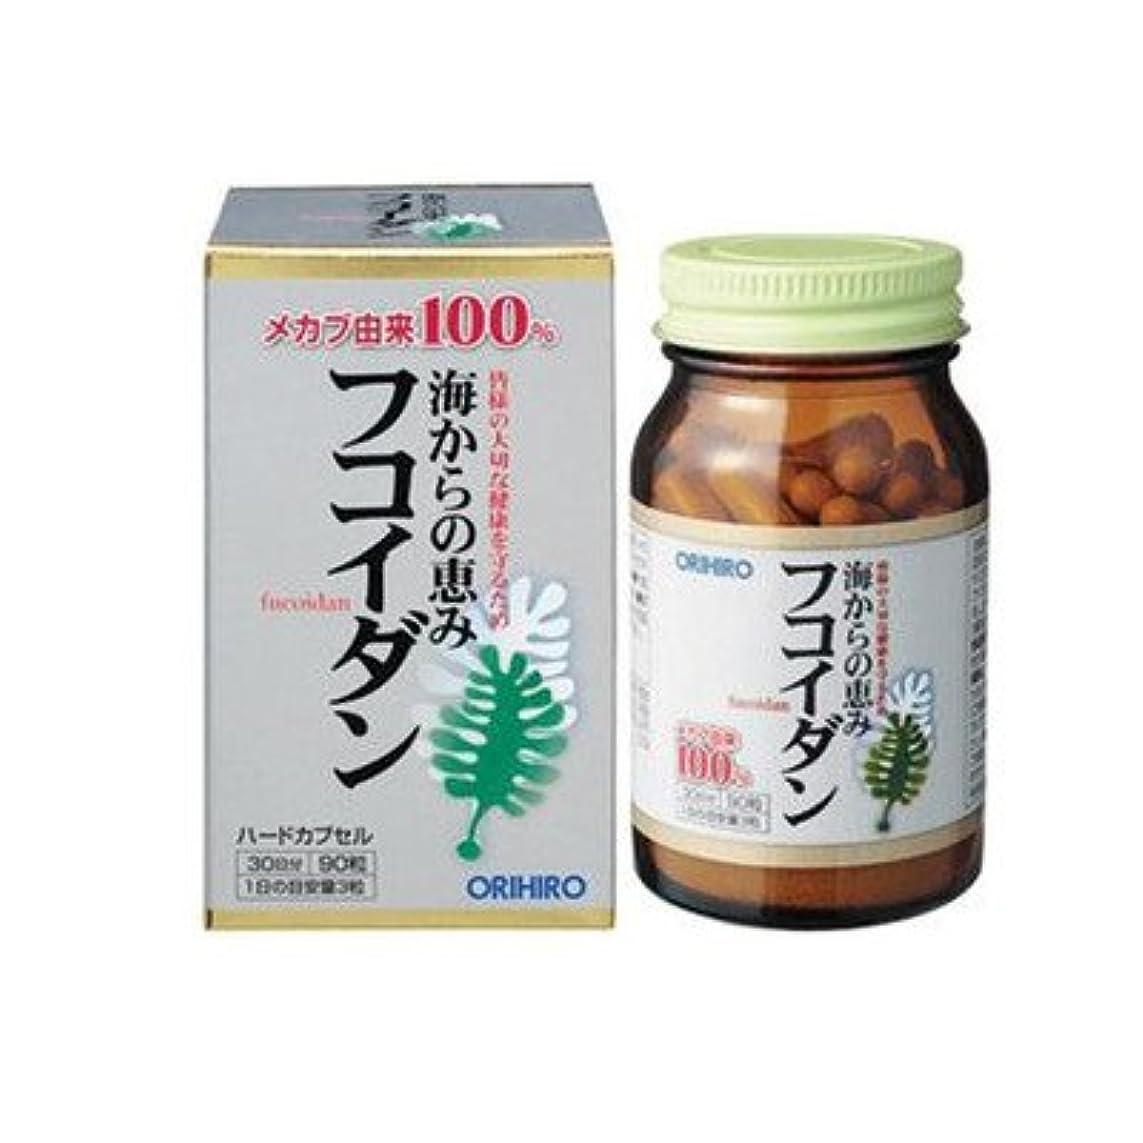 下品簡単な失速60209192 オリヒロ フコイダン 90粒 毎日のお食事にプラスして健康生活をサポート